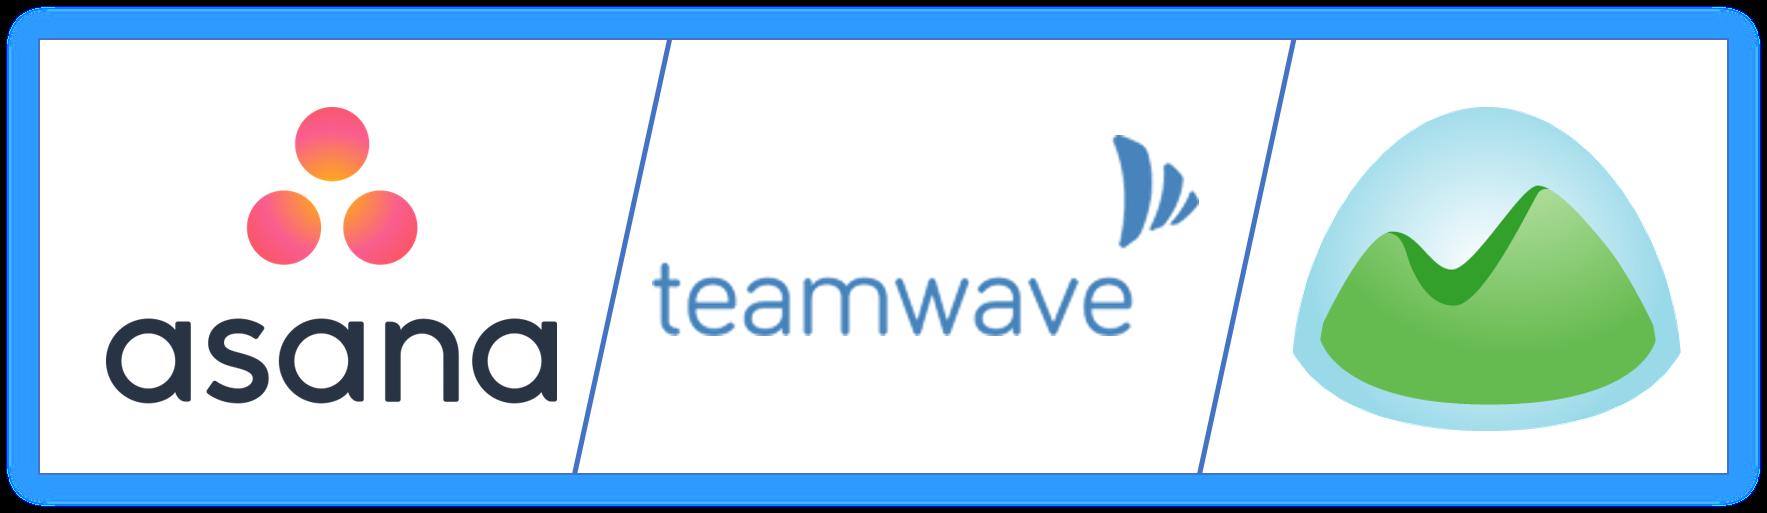 teamwave vs basecamp vs asana